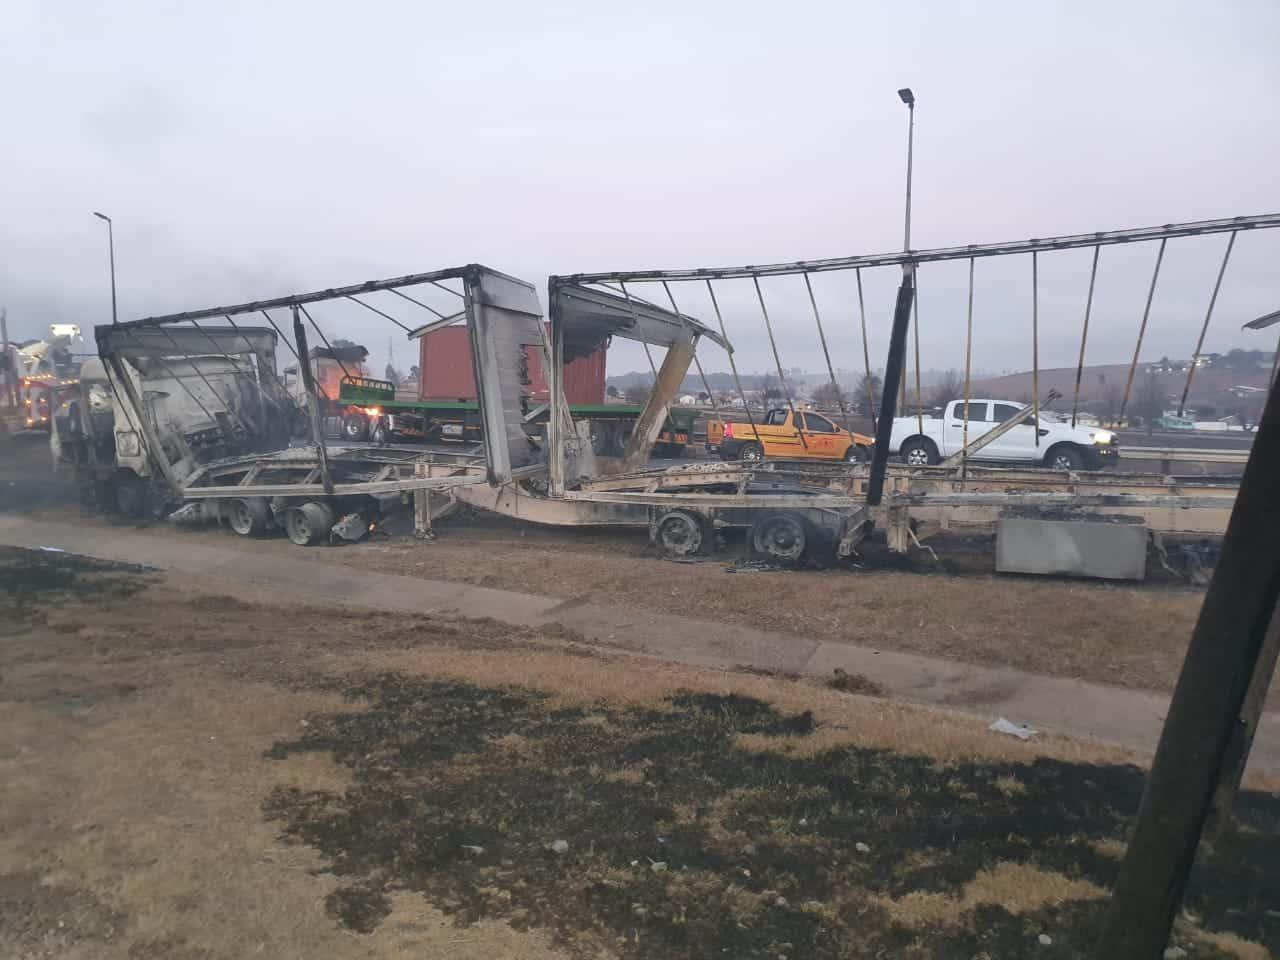 33 trucks burned in kzn